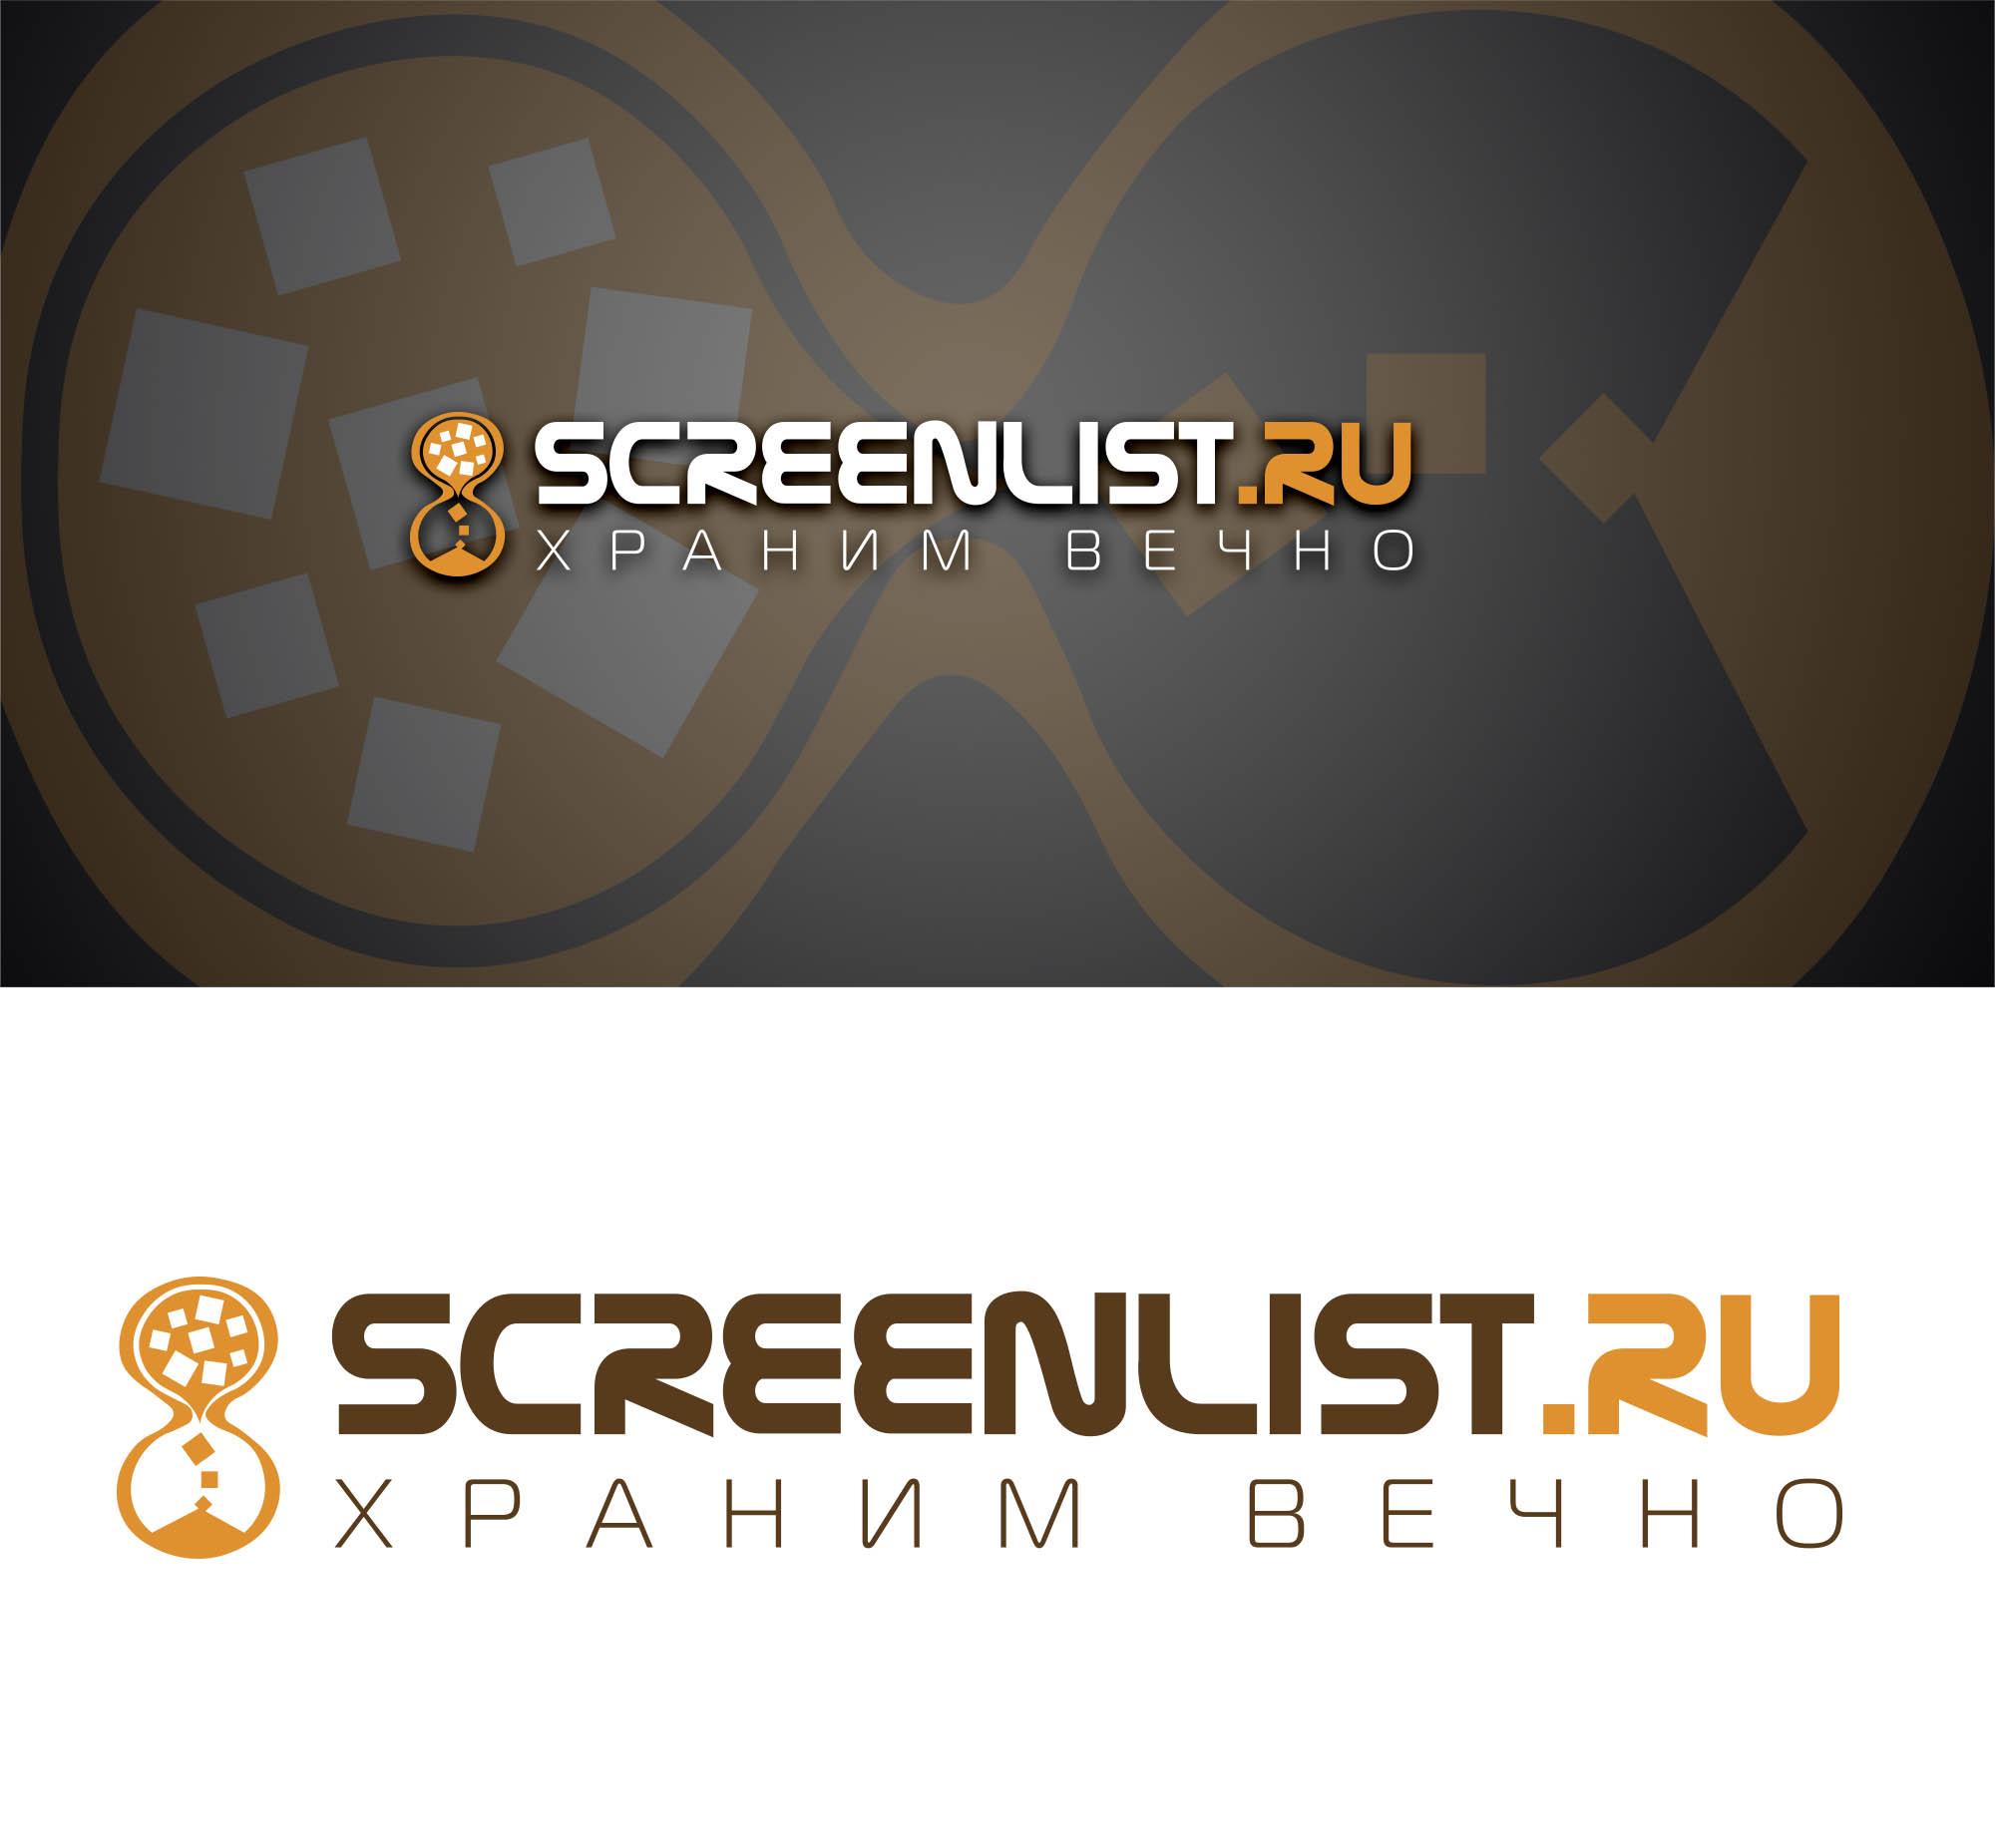 Безлимитный фотохостинг ScreenList.ru требует новый дизайн фото f_53859c1256b7c35f.jpg